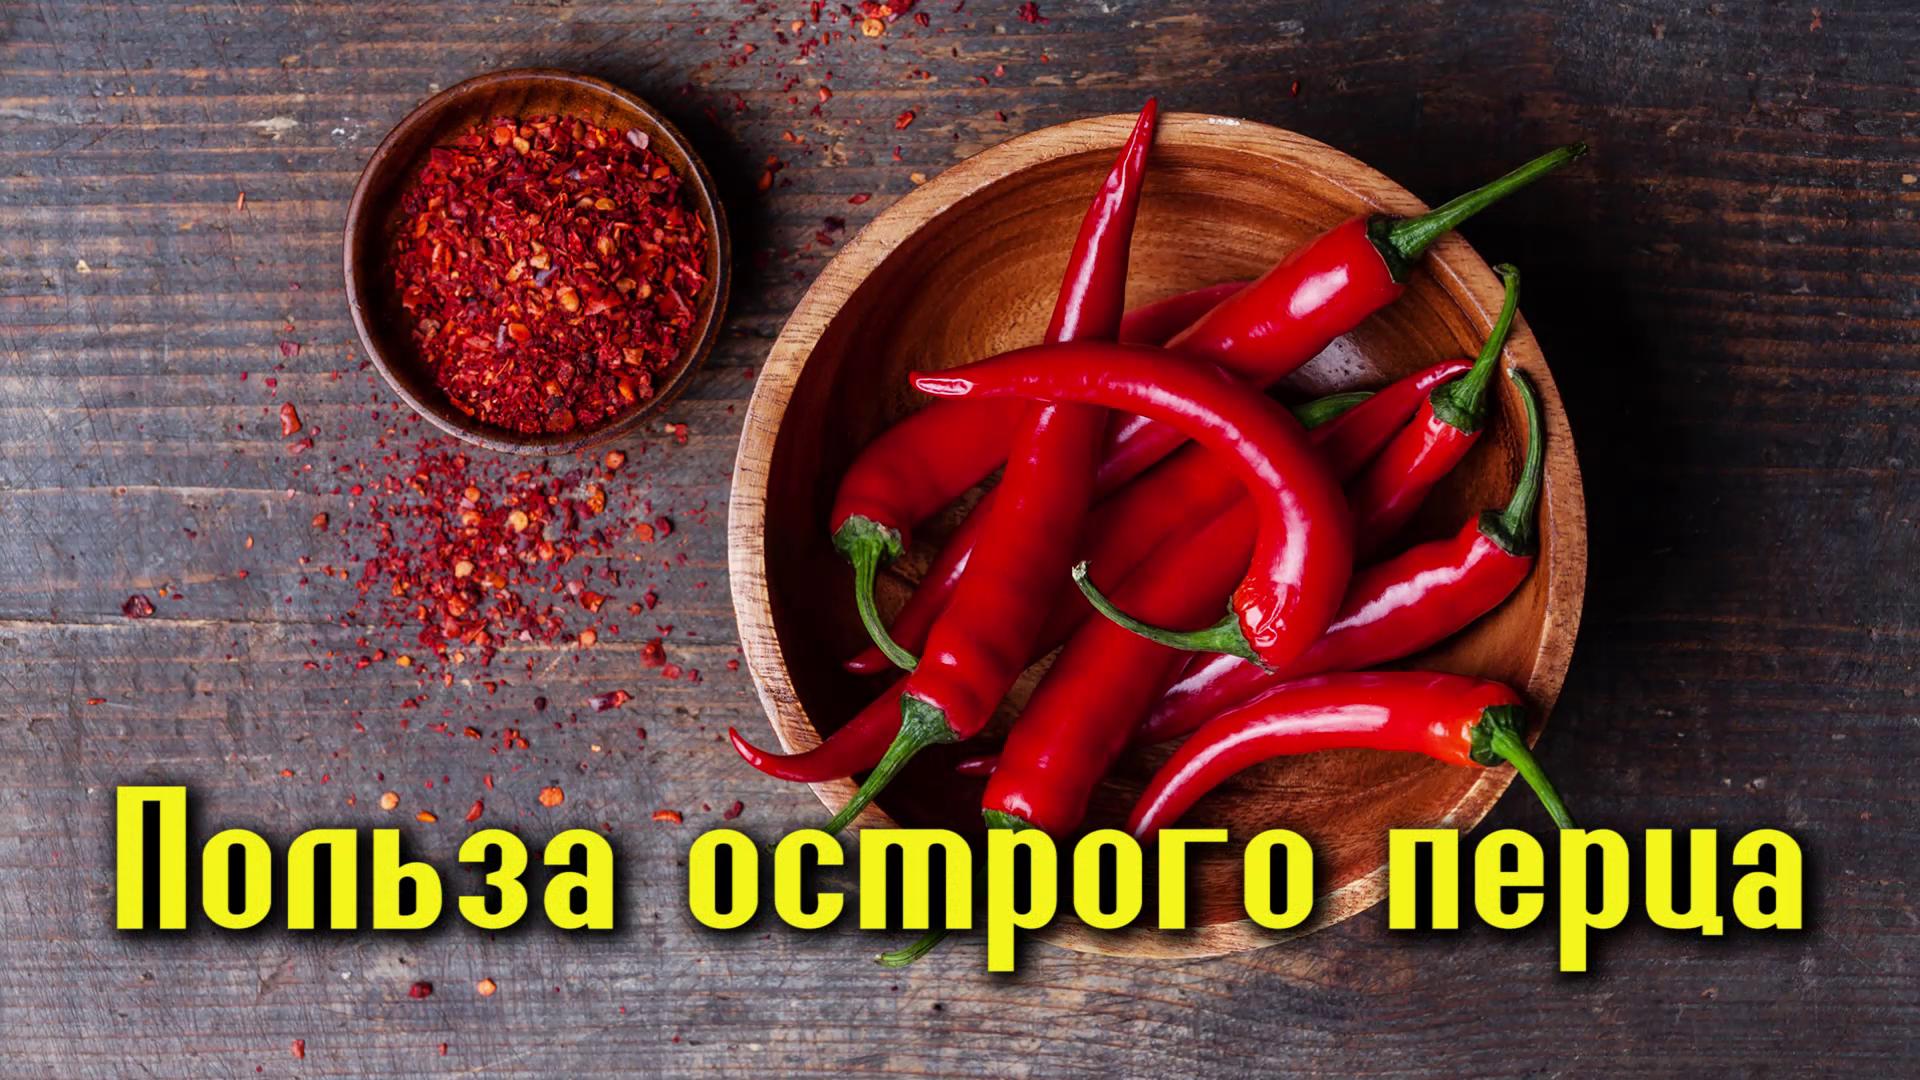 Польза и вред кайенского перца — разбираемся подробно!